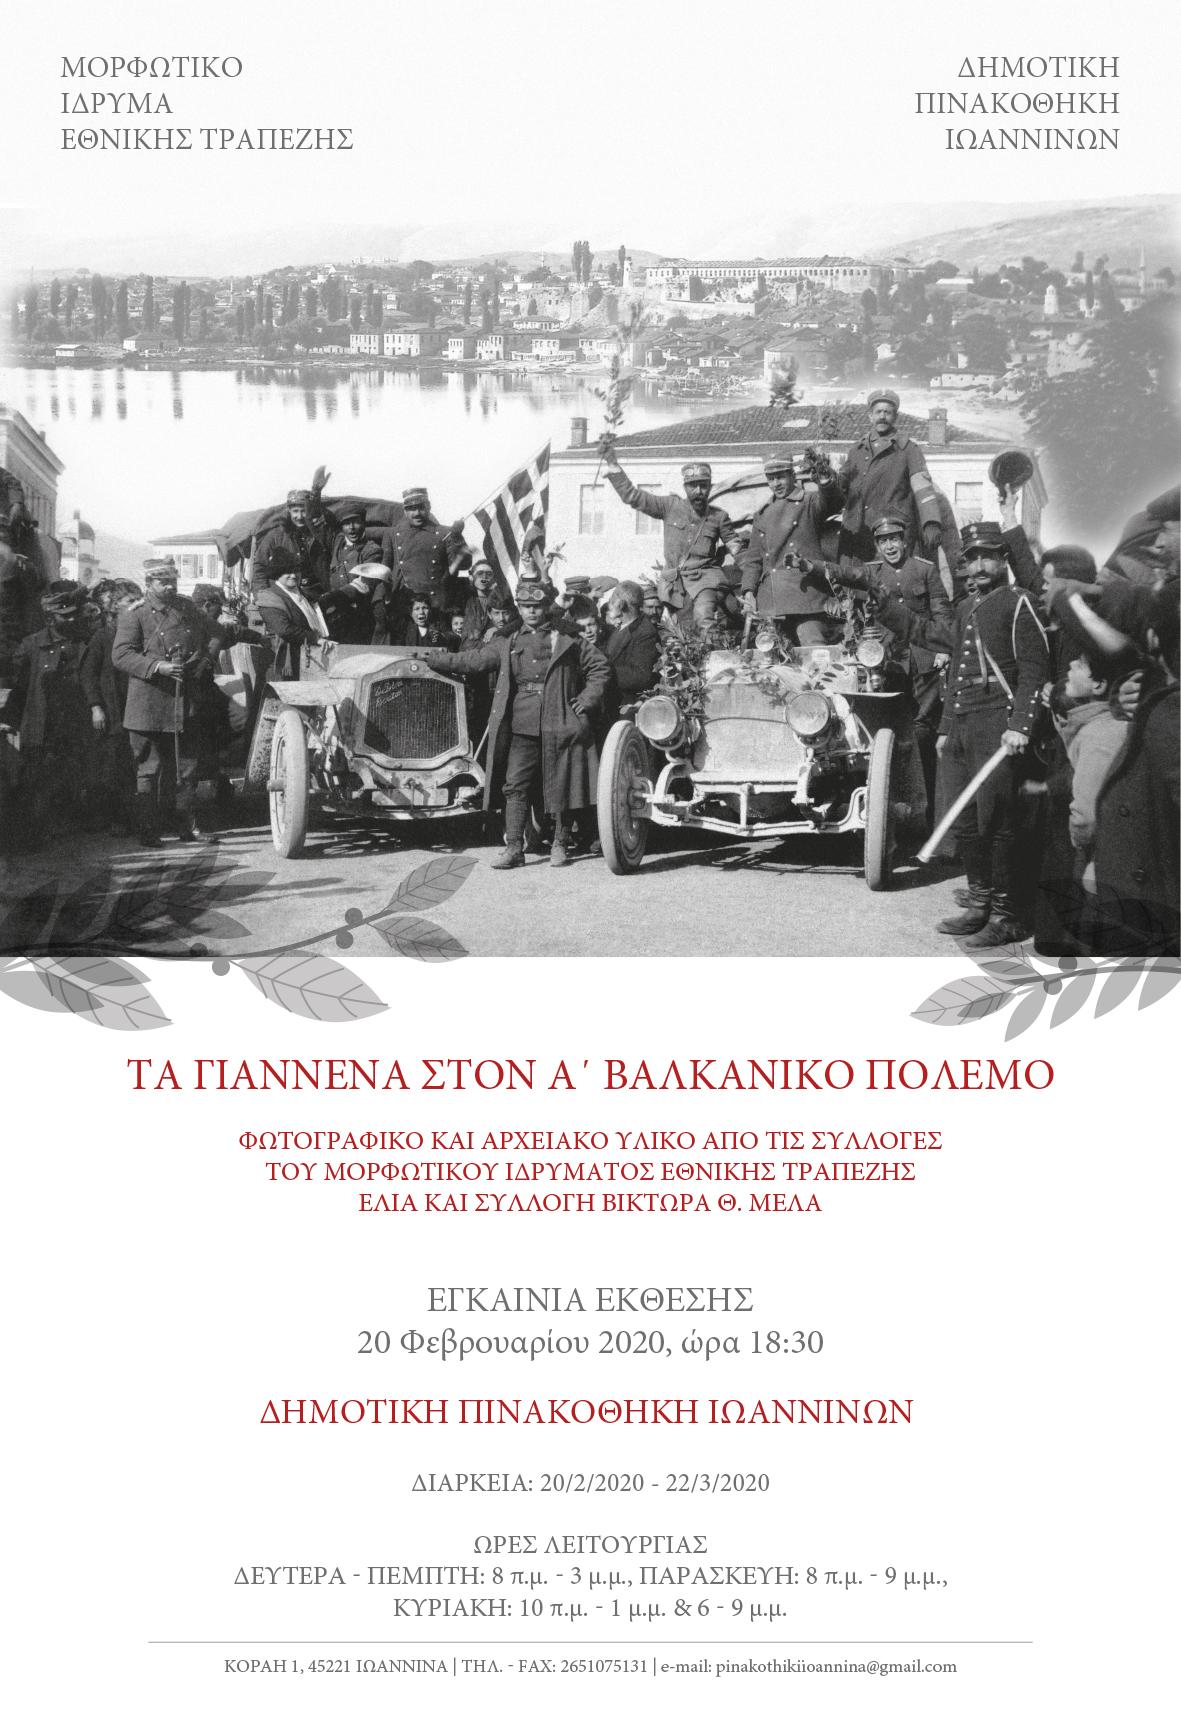 Τα Γιάννενα στον Ά Βαλκανικό Πόλεμο